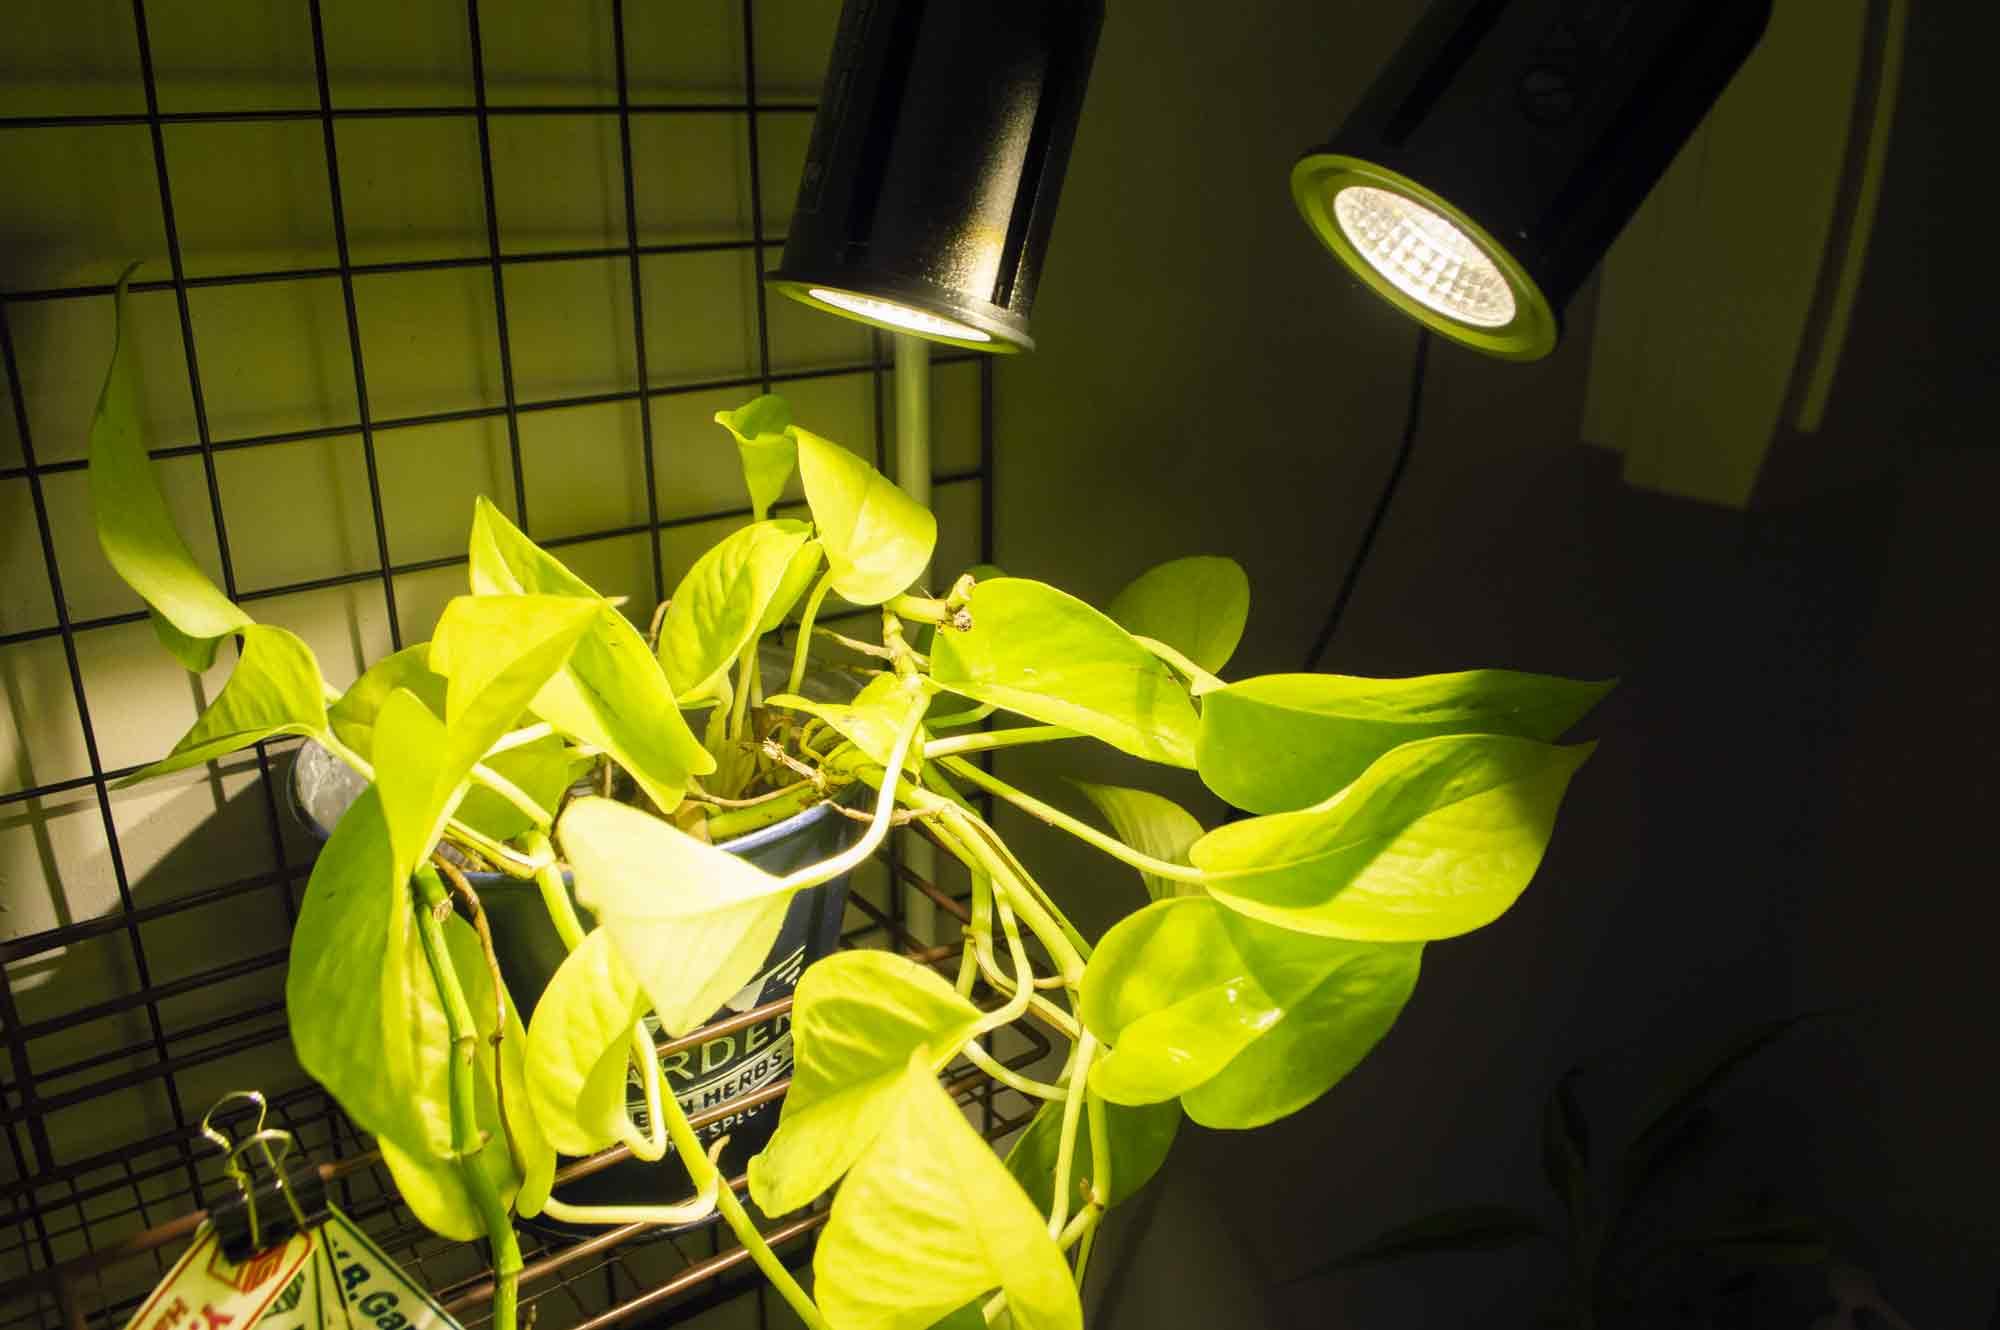 暗いところで照らすLED植物育成ライト